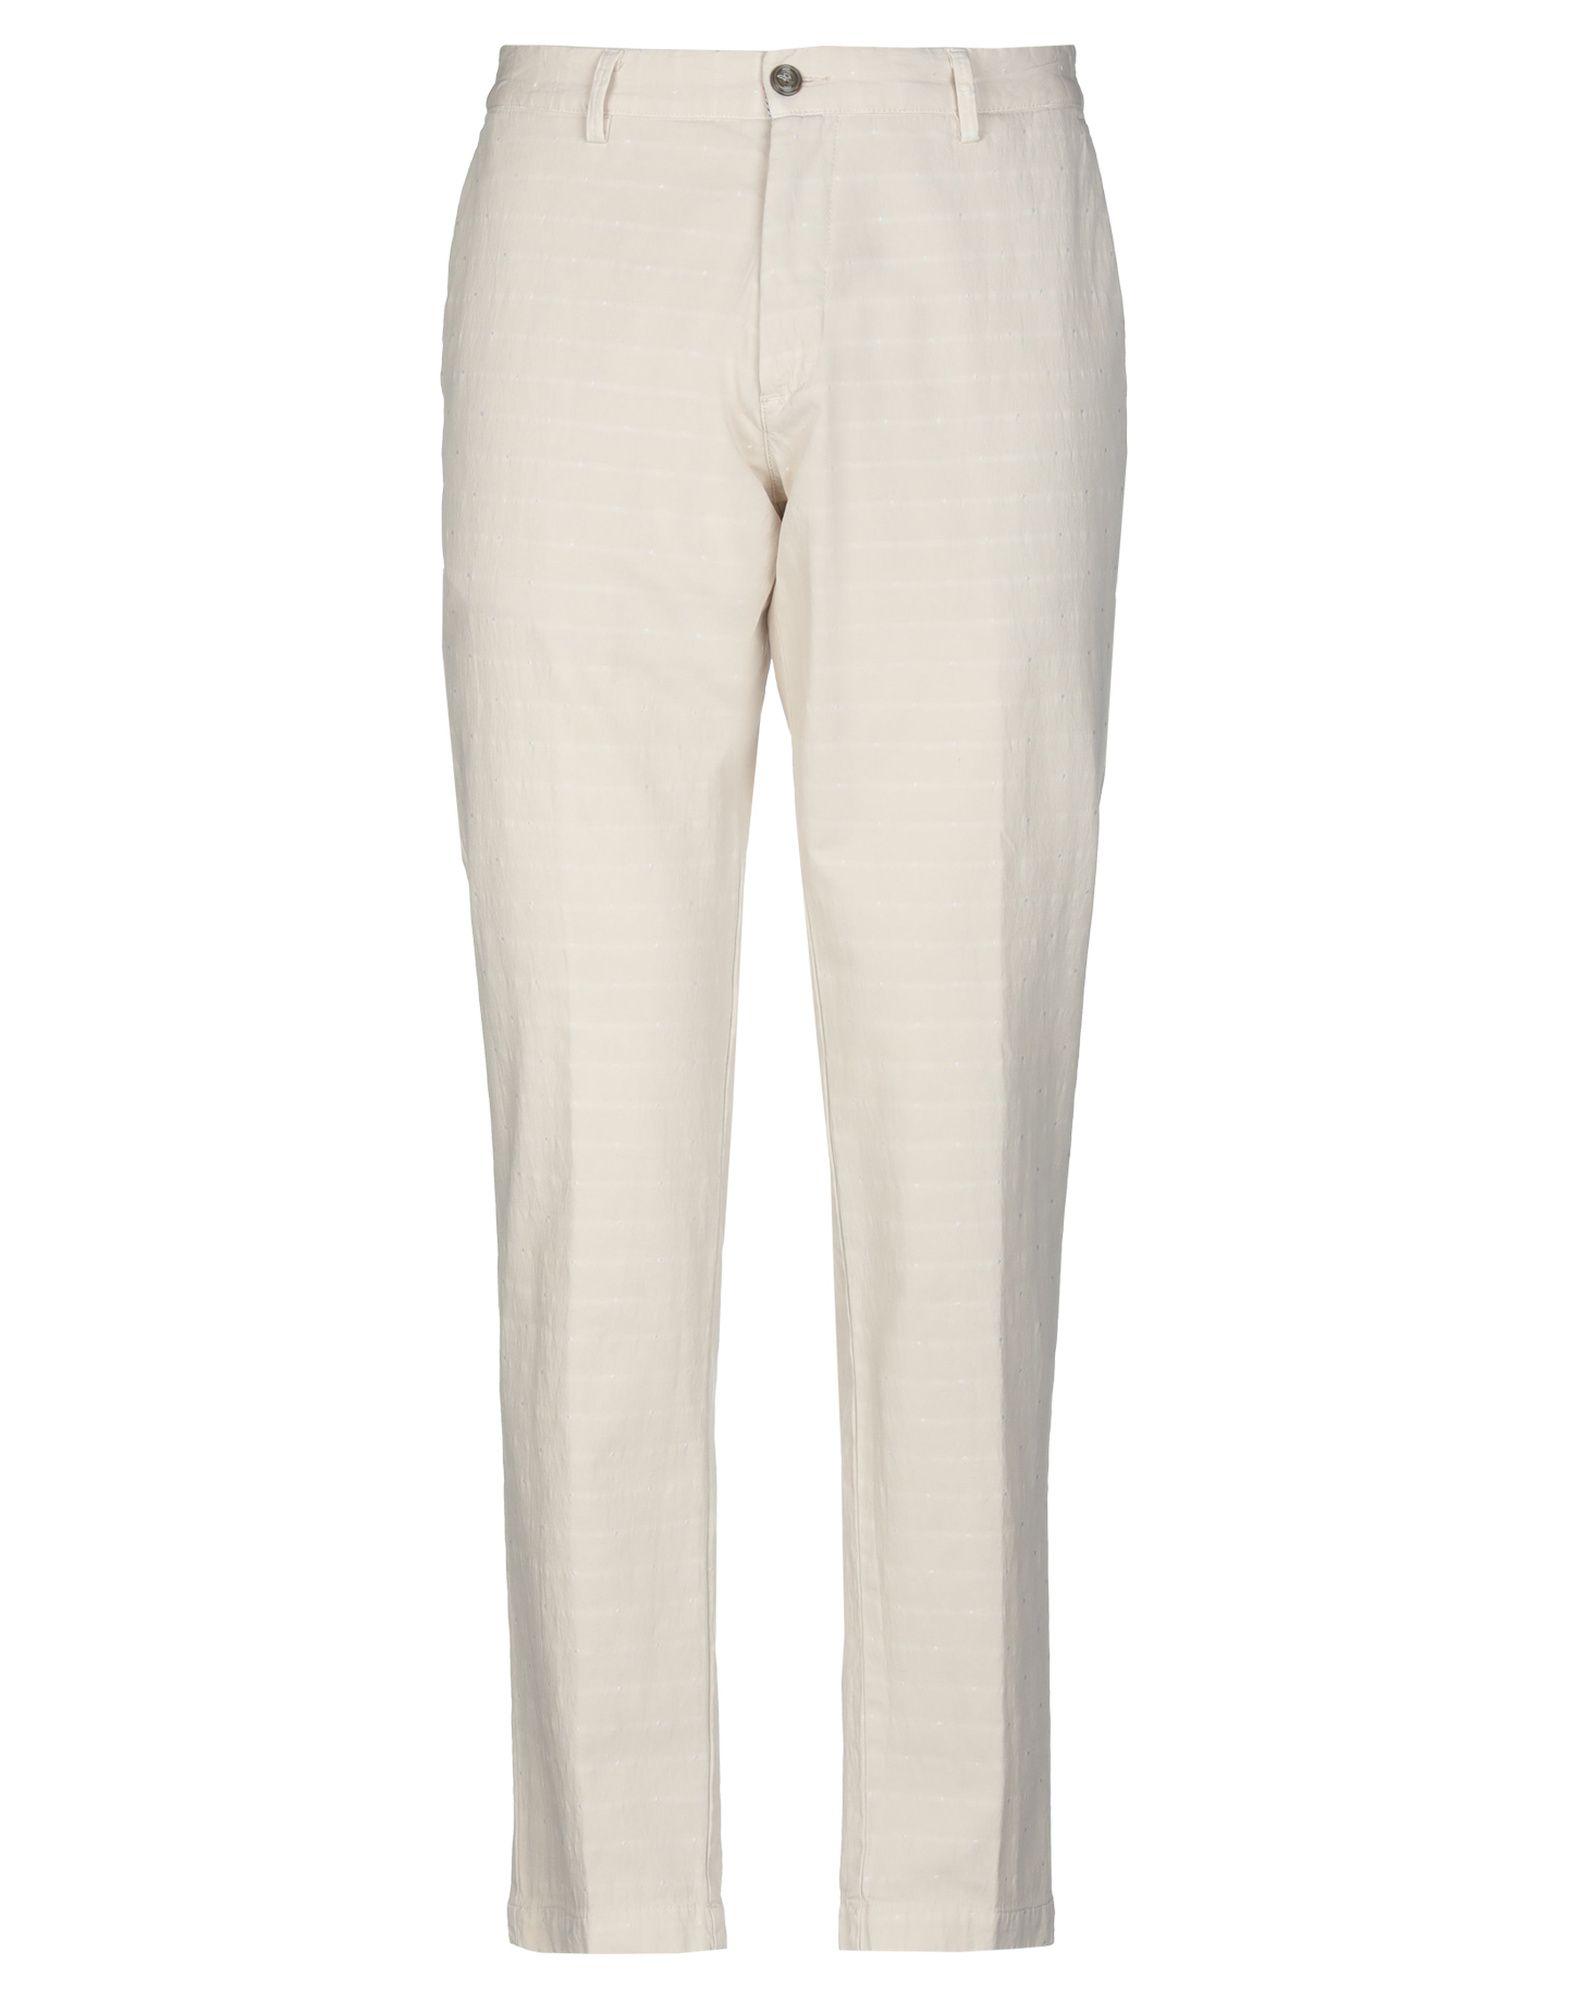 купить KOON Повседневные брюки по цене 1550 рублей